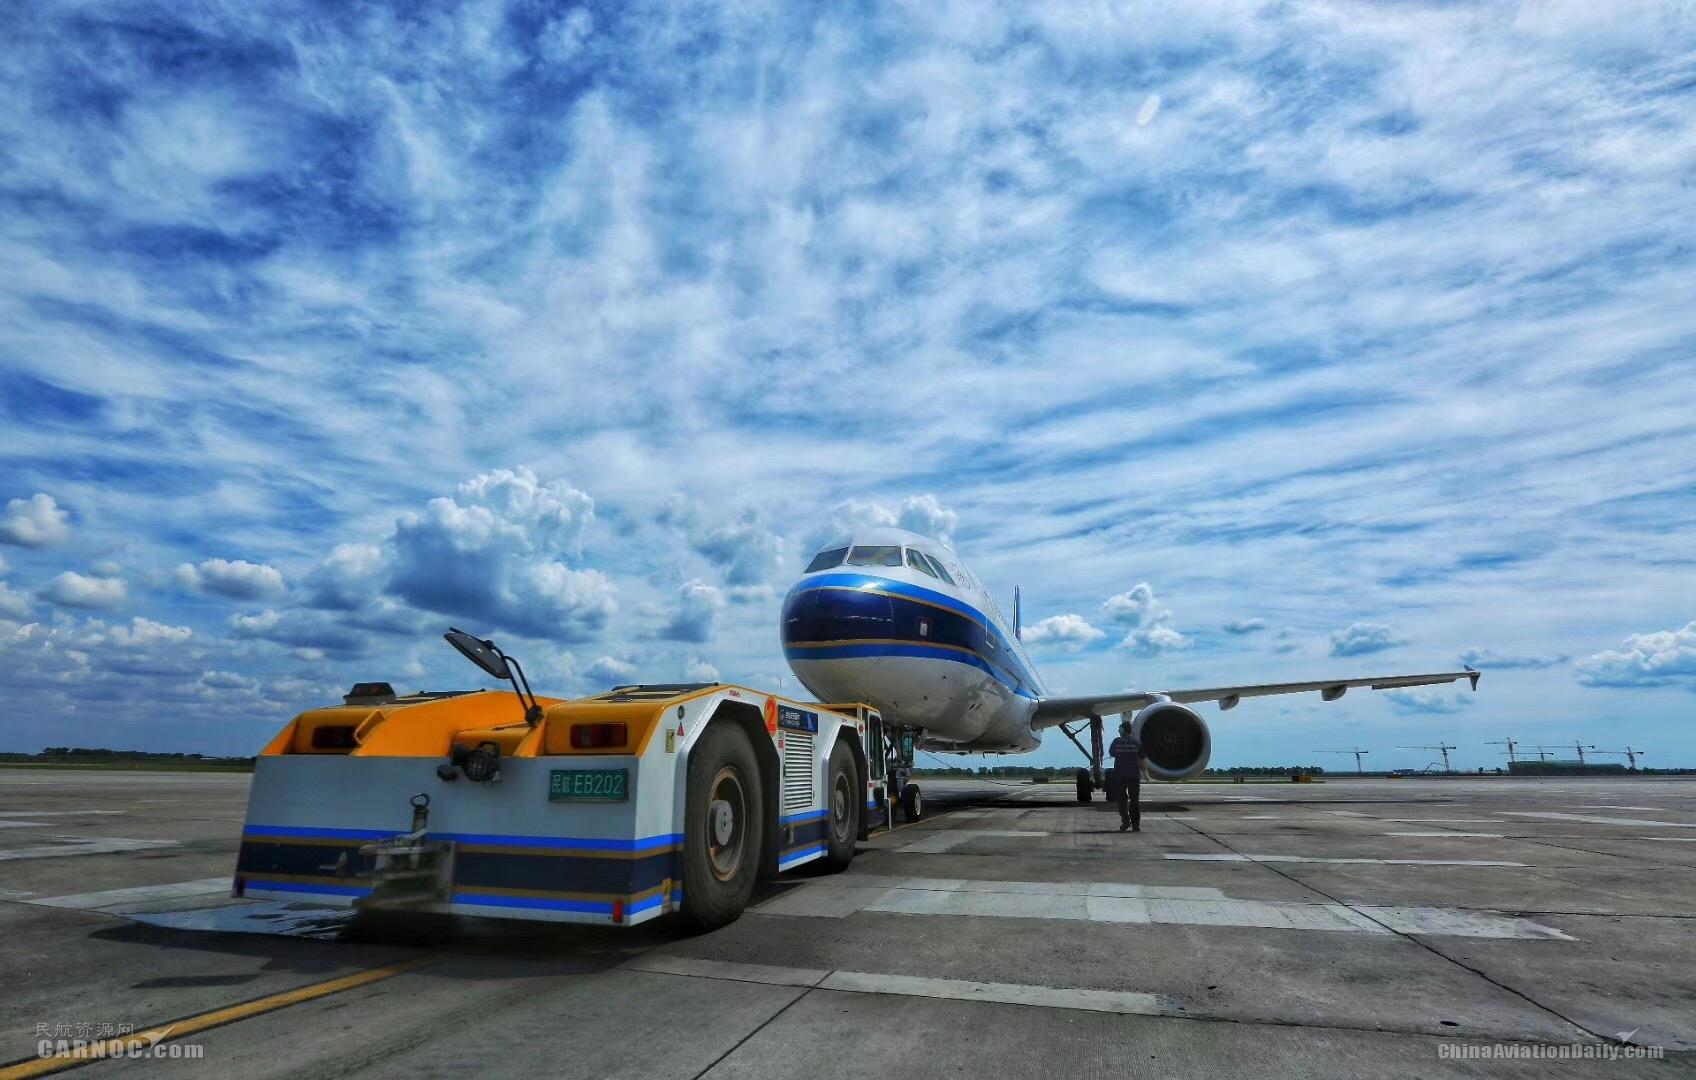 新航季 南航在黑龙江新开加密多条国内航线